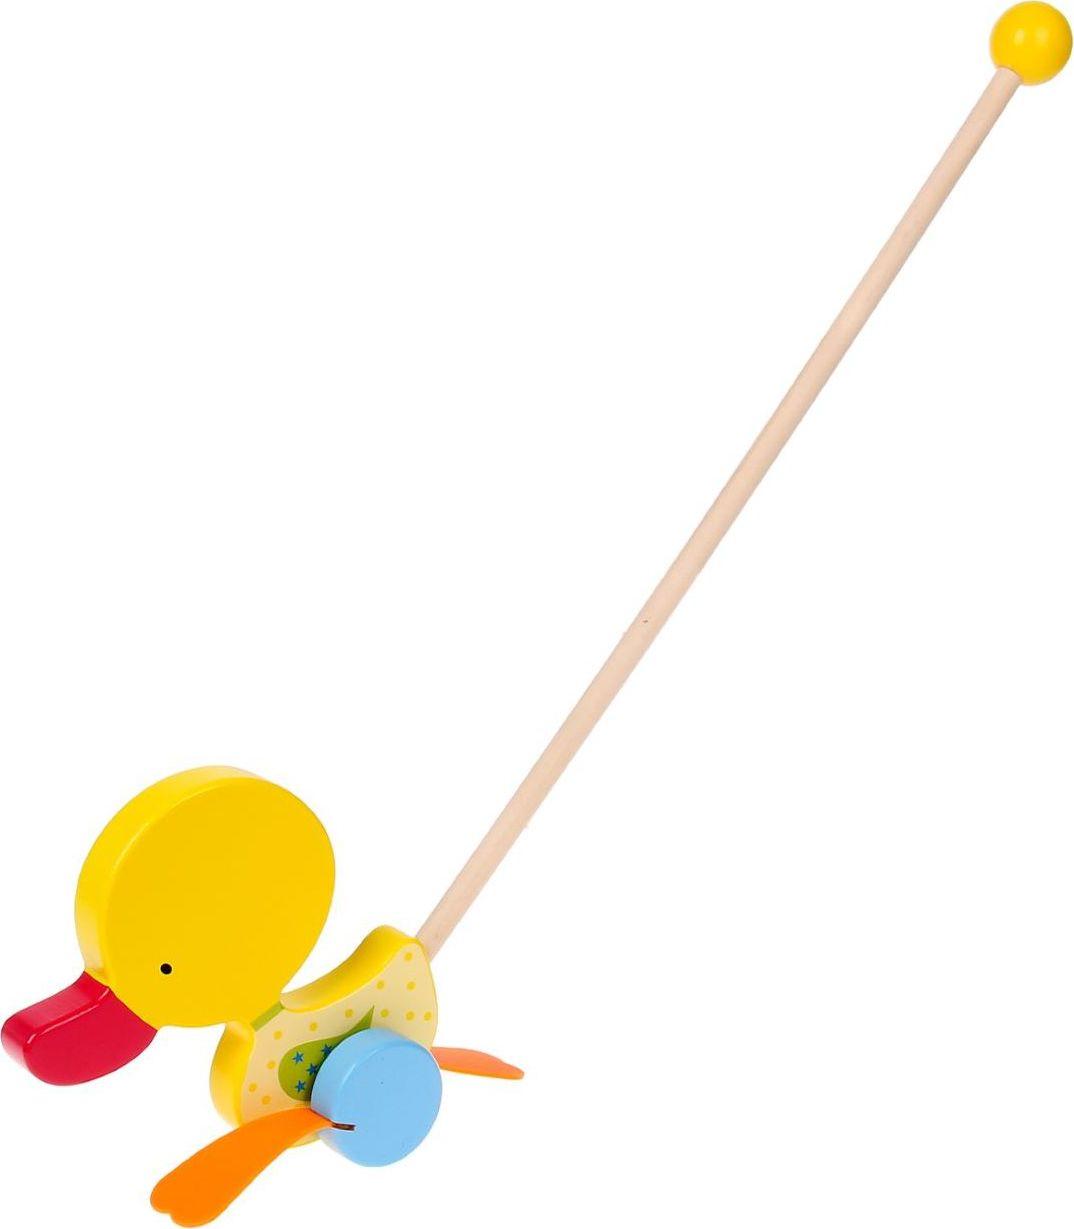 Sima-land Игрушка-каталка Утенок с резиновыми лапками sima land антистрессовая игрушка спираль радуга улыбайся